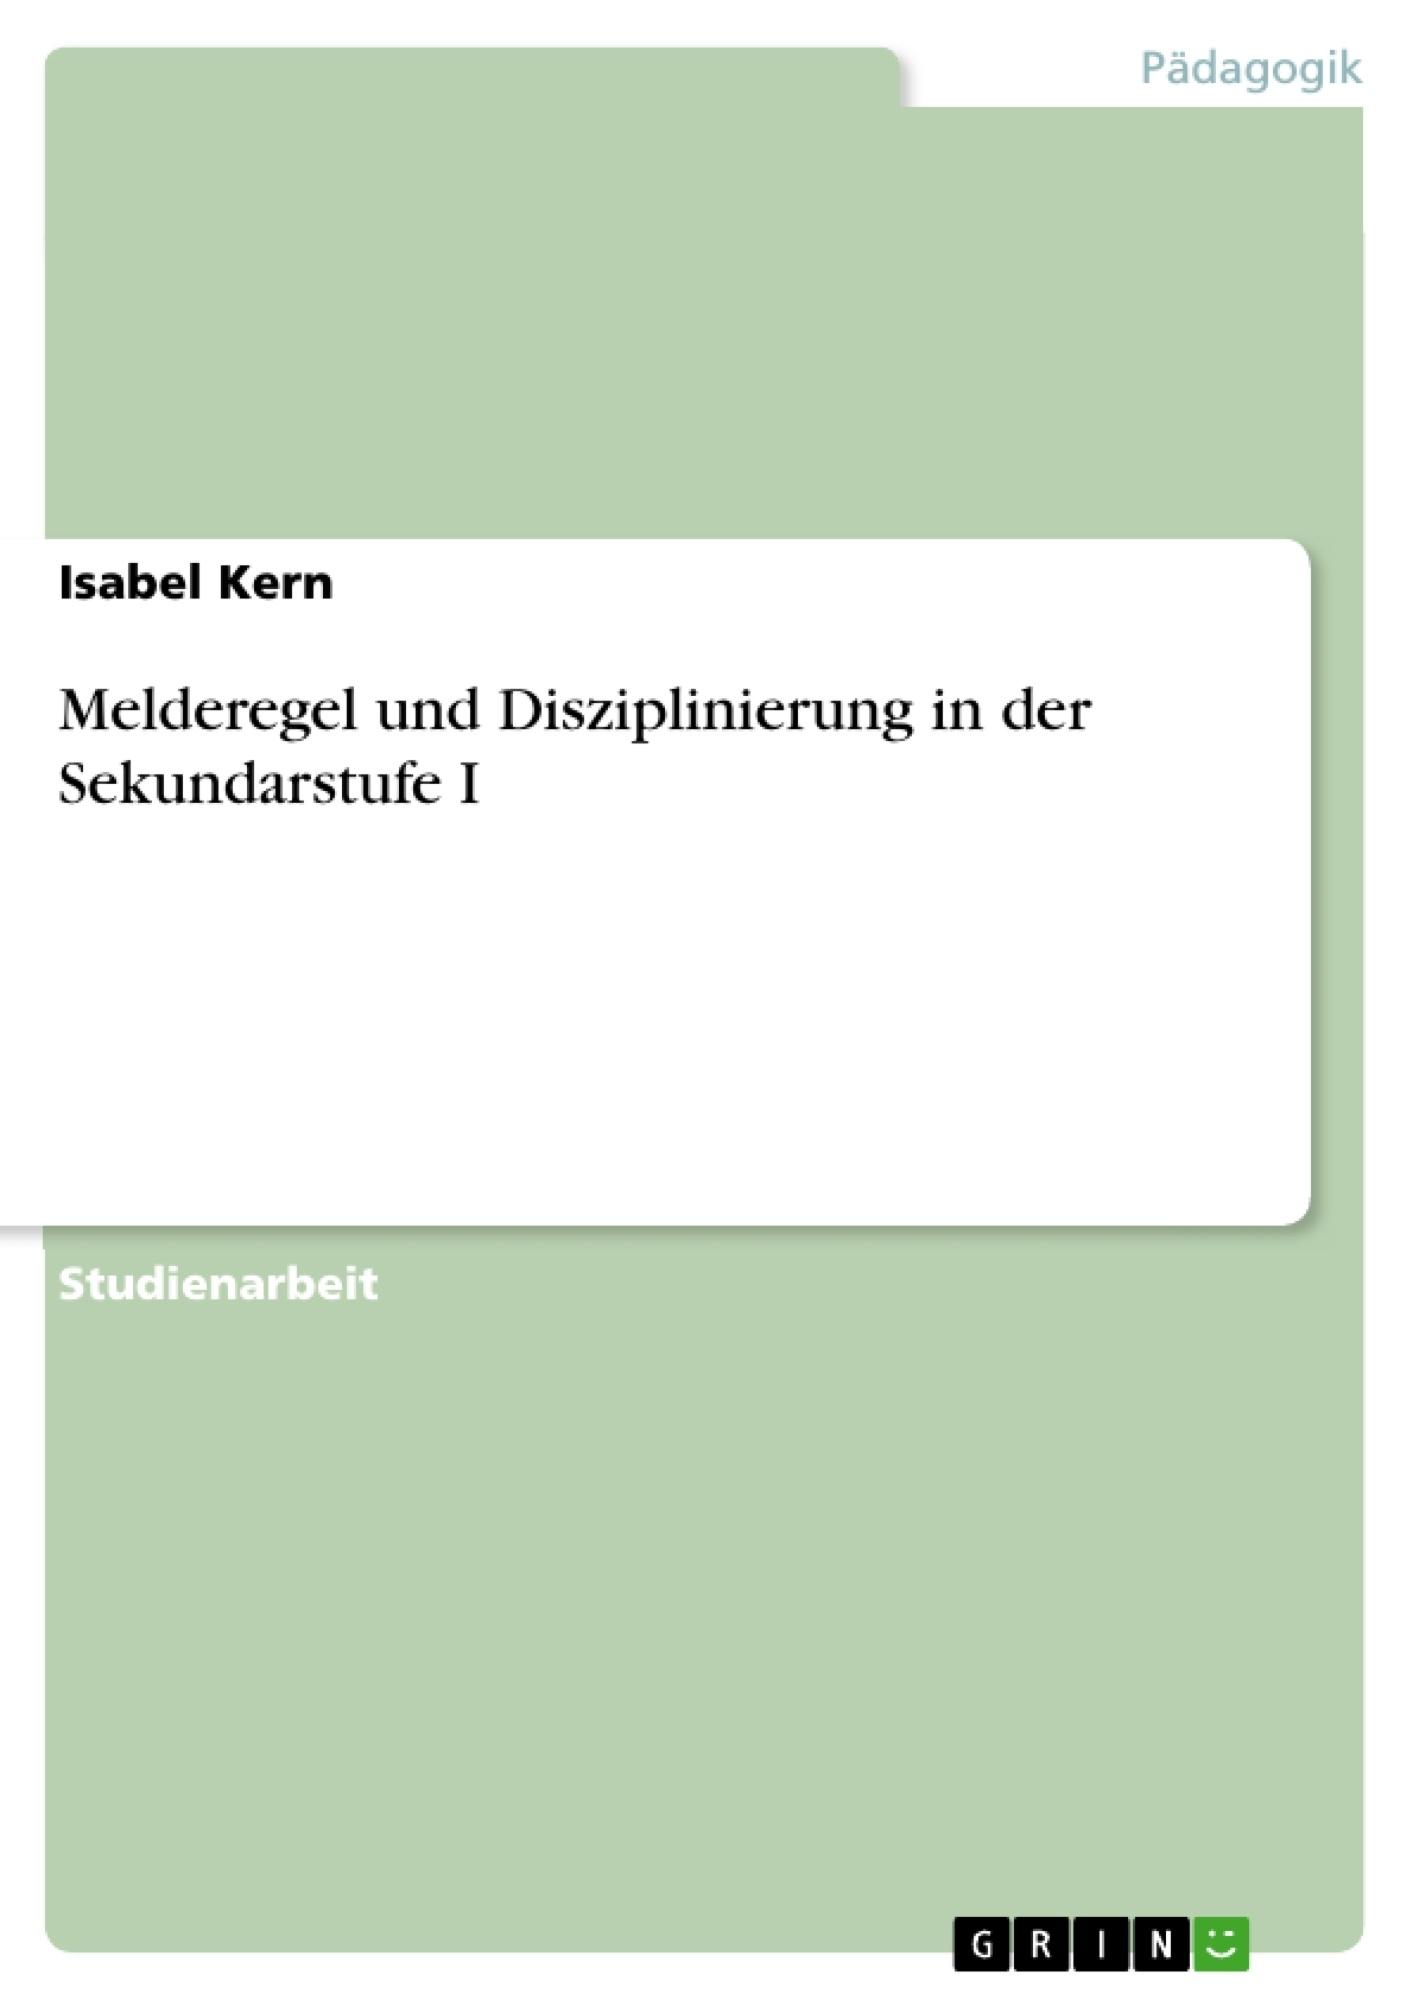 Titel: Melderegel und Disziplinierung in der Sekundarstufe I